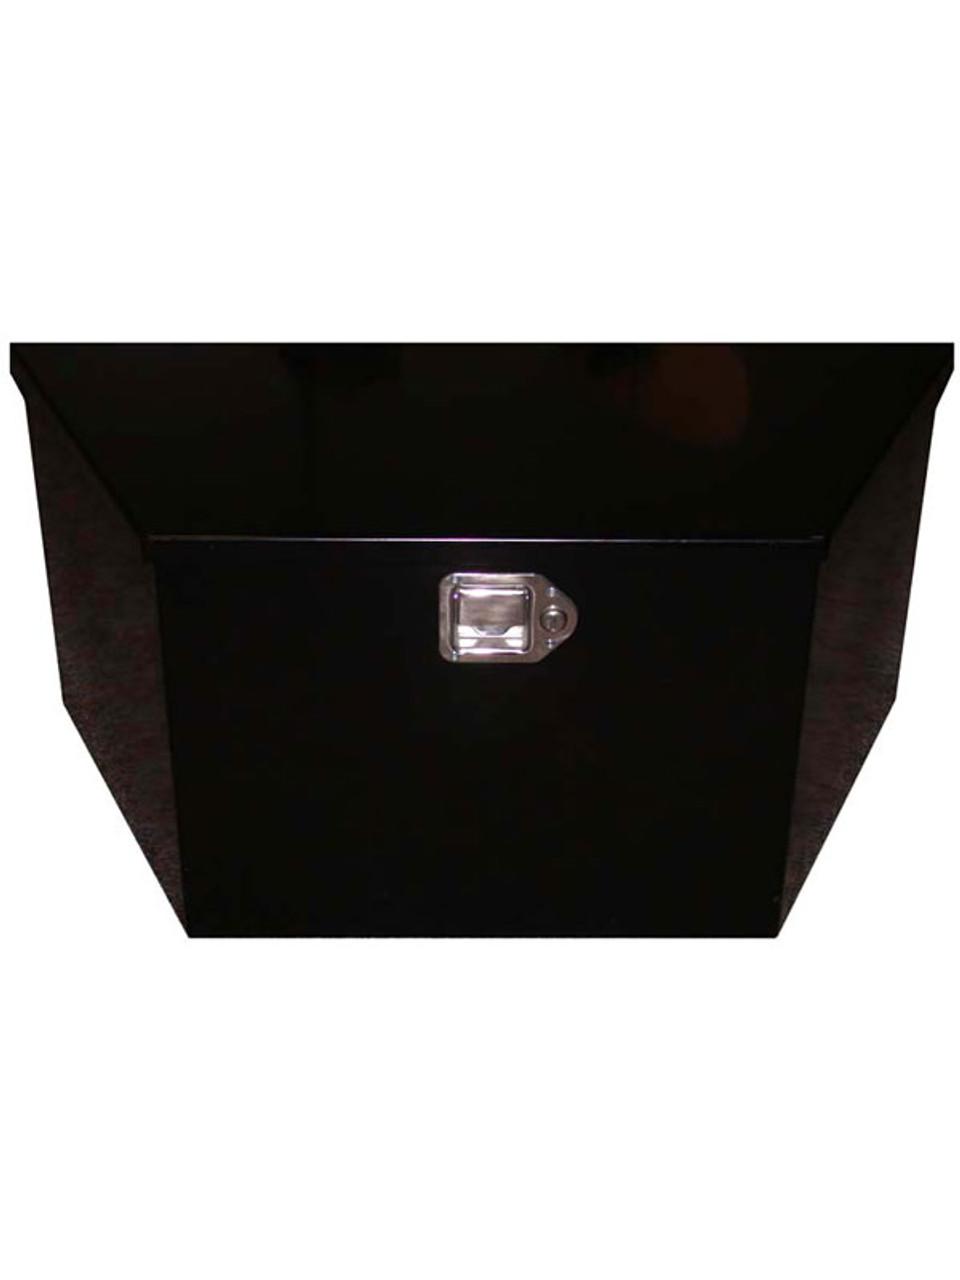 ATBS34 --- A-Frame Tool Box -  Steel